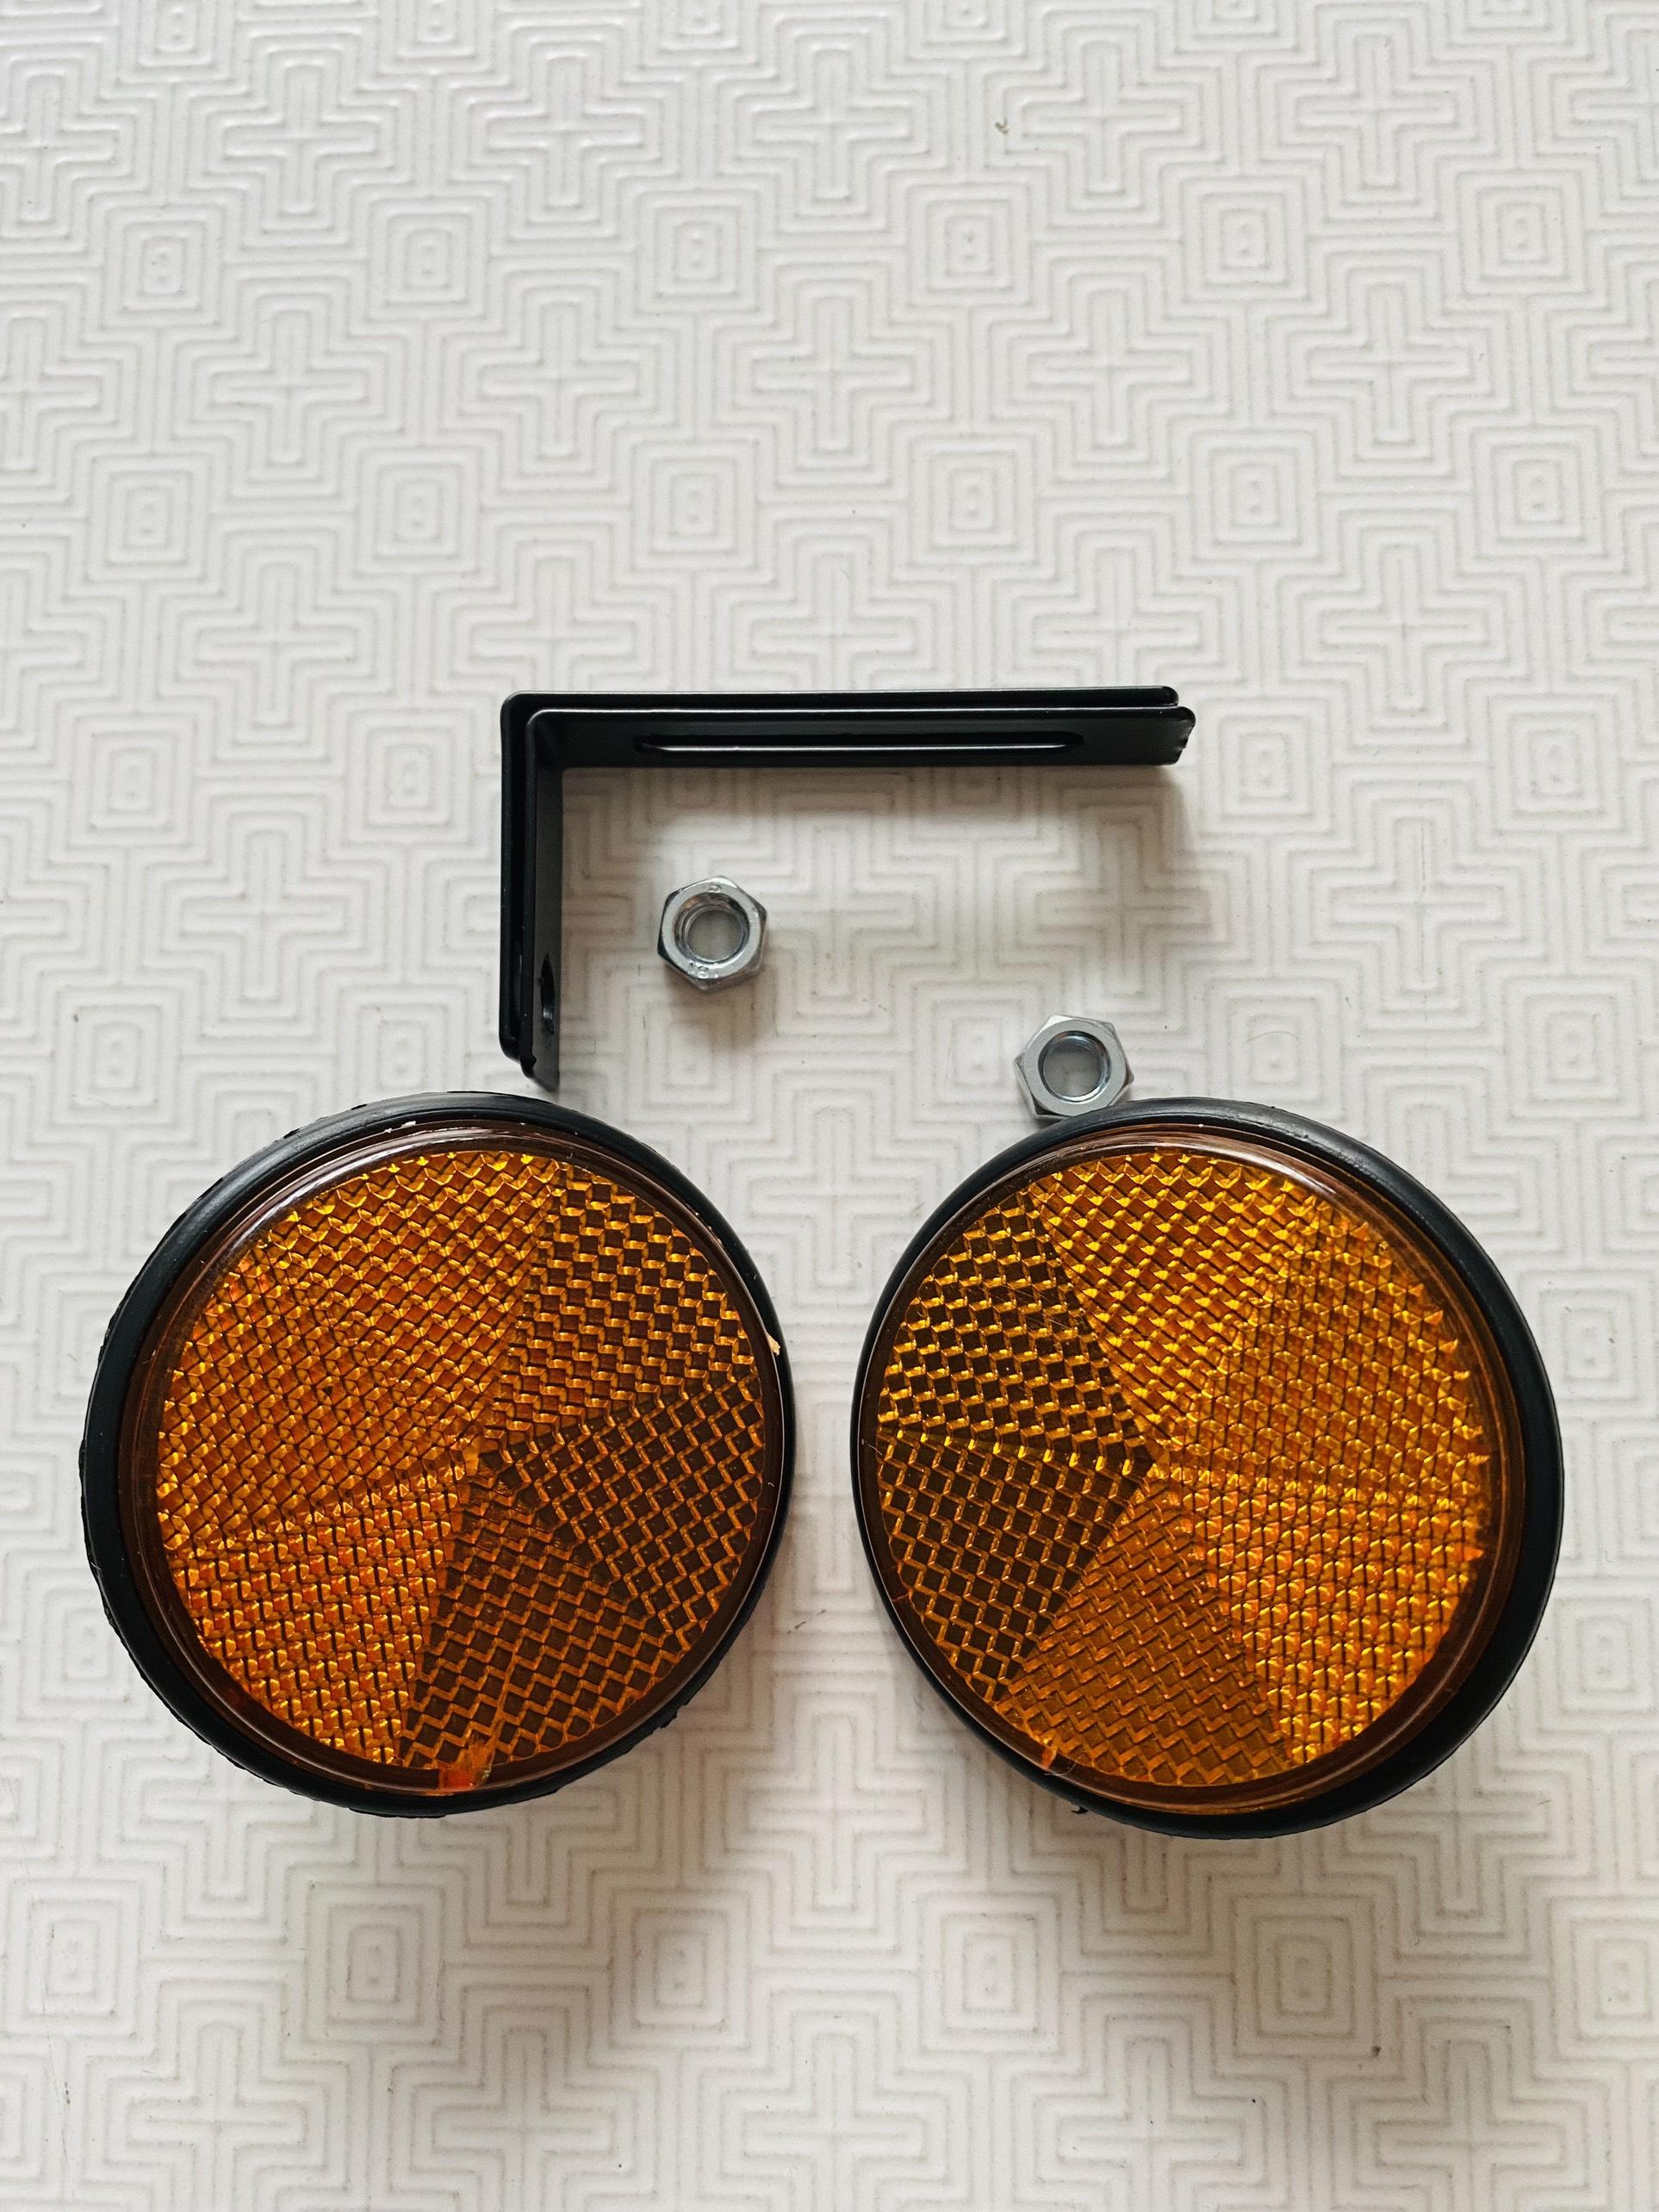 Combo 2 Mắt mèo phản quang trước sau full ốc pát lắp đặt dễ như Zin ko chế độ dùng cho mọi loại xe NKLUBE